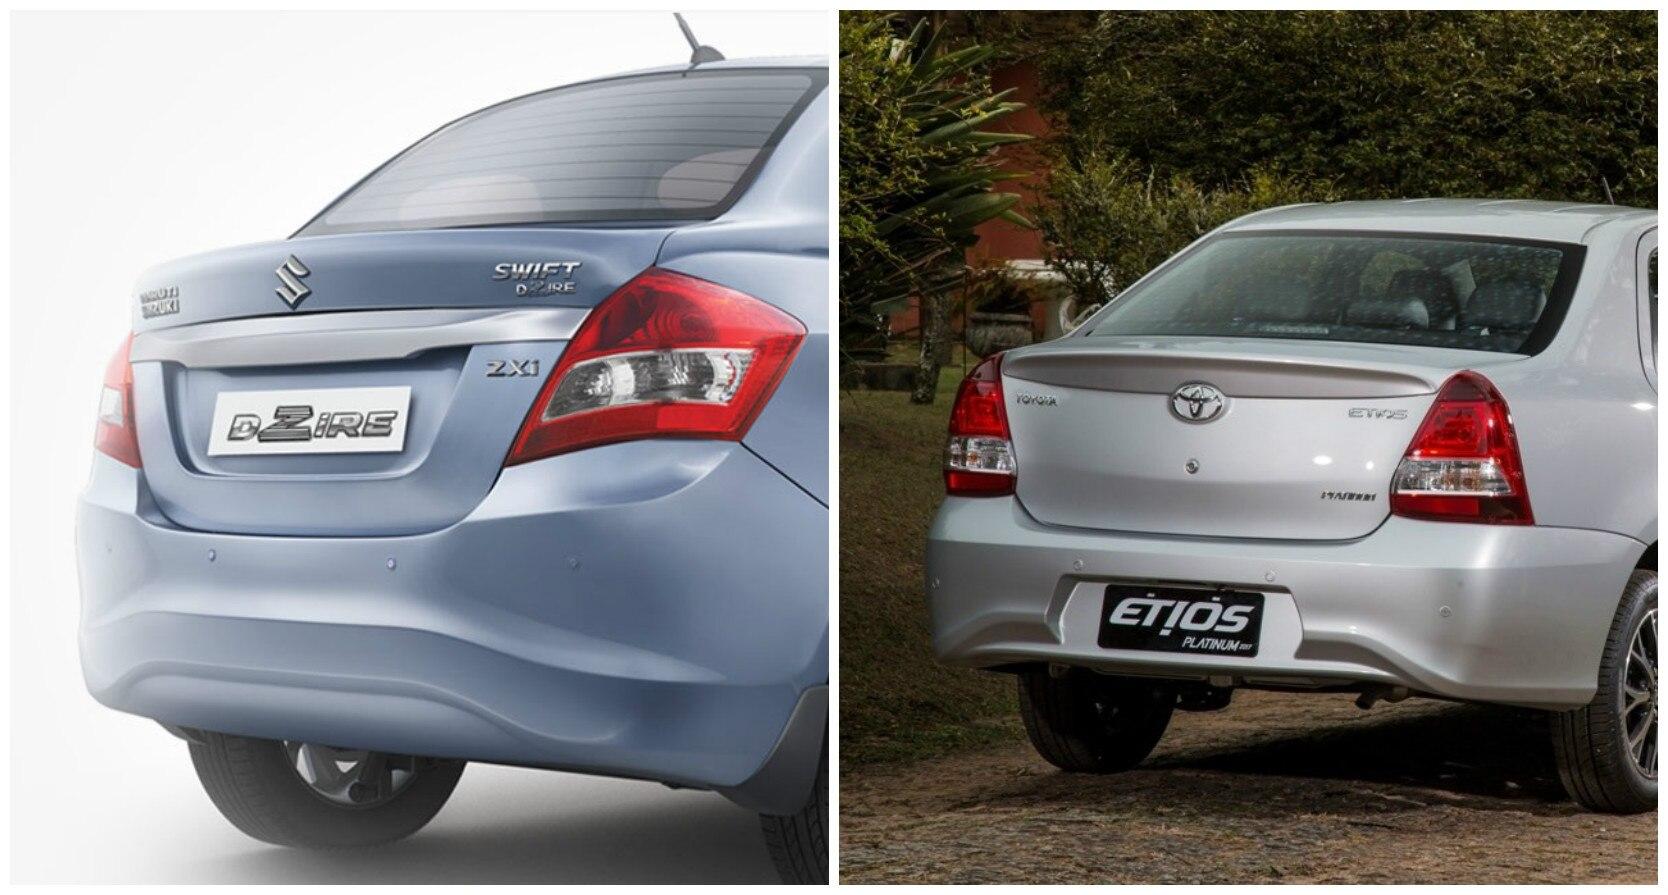 Toyota etios sedan facelift vs maruti suzuki dzire comparison report